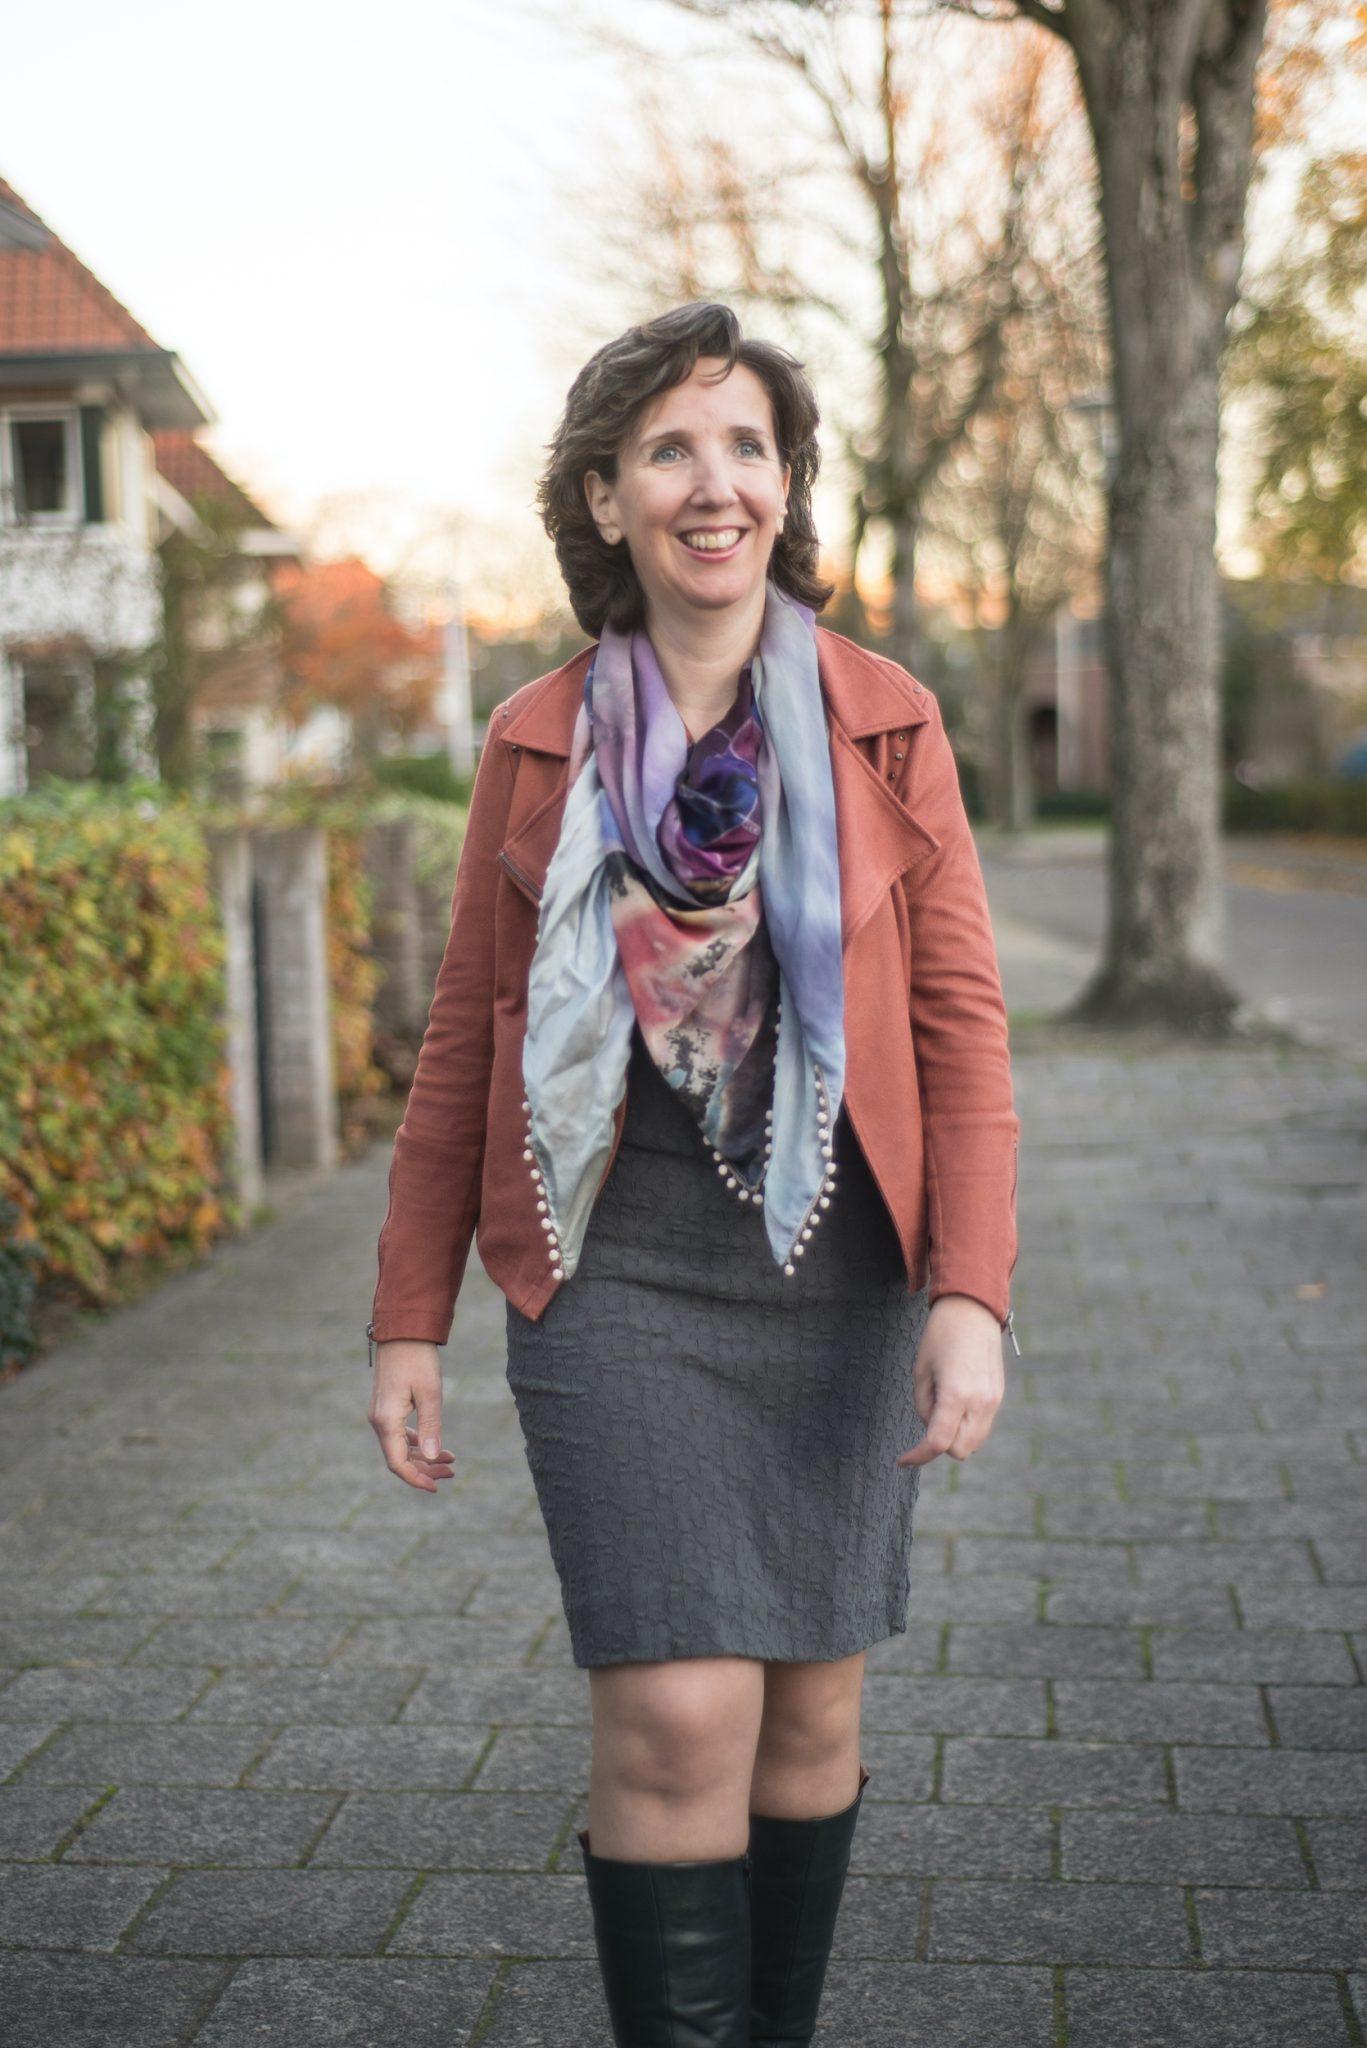 Marielle Obels wandelt door straat